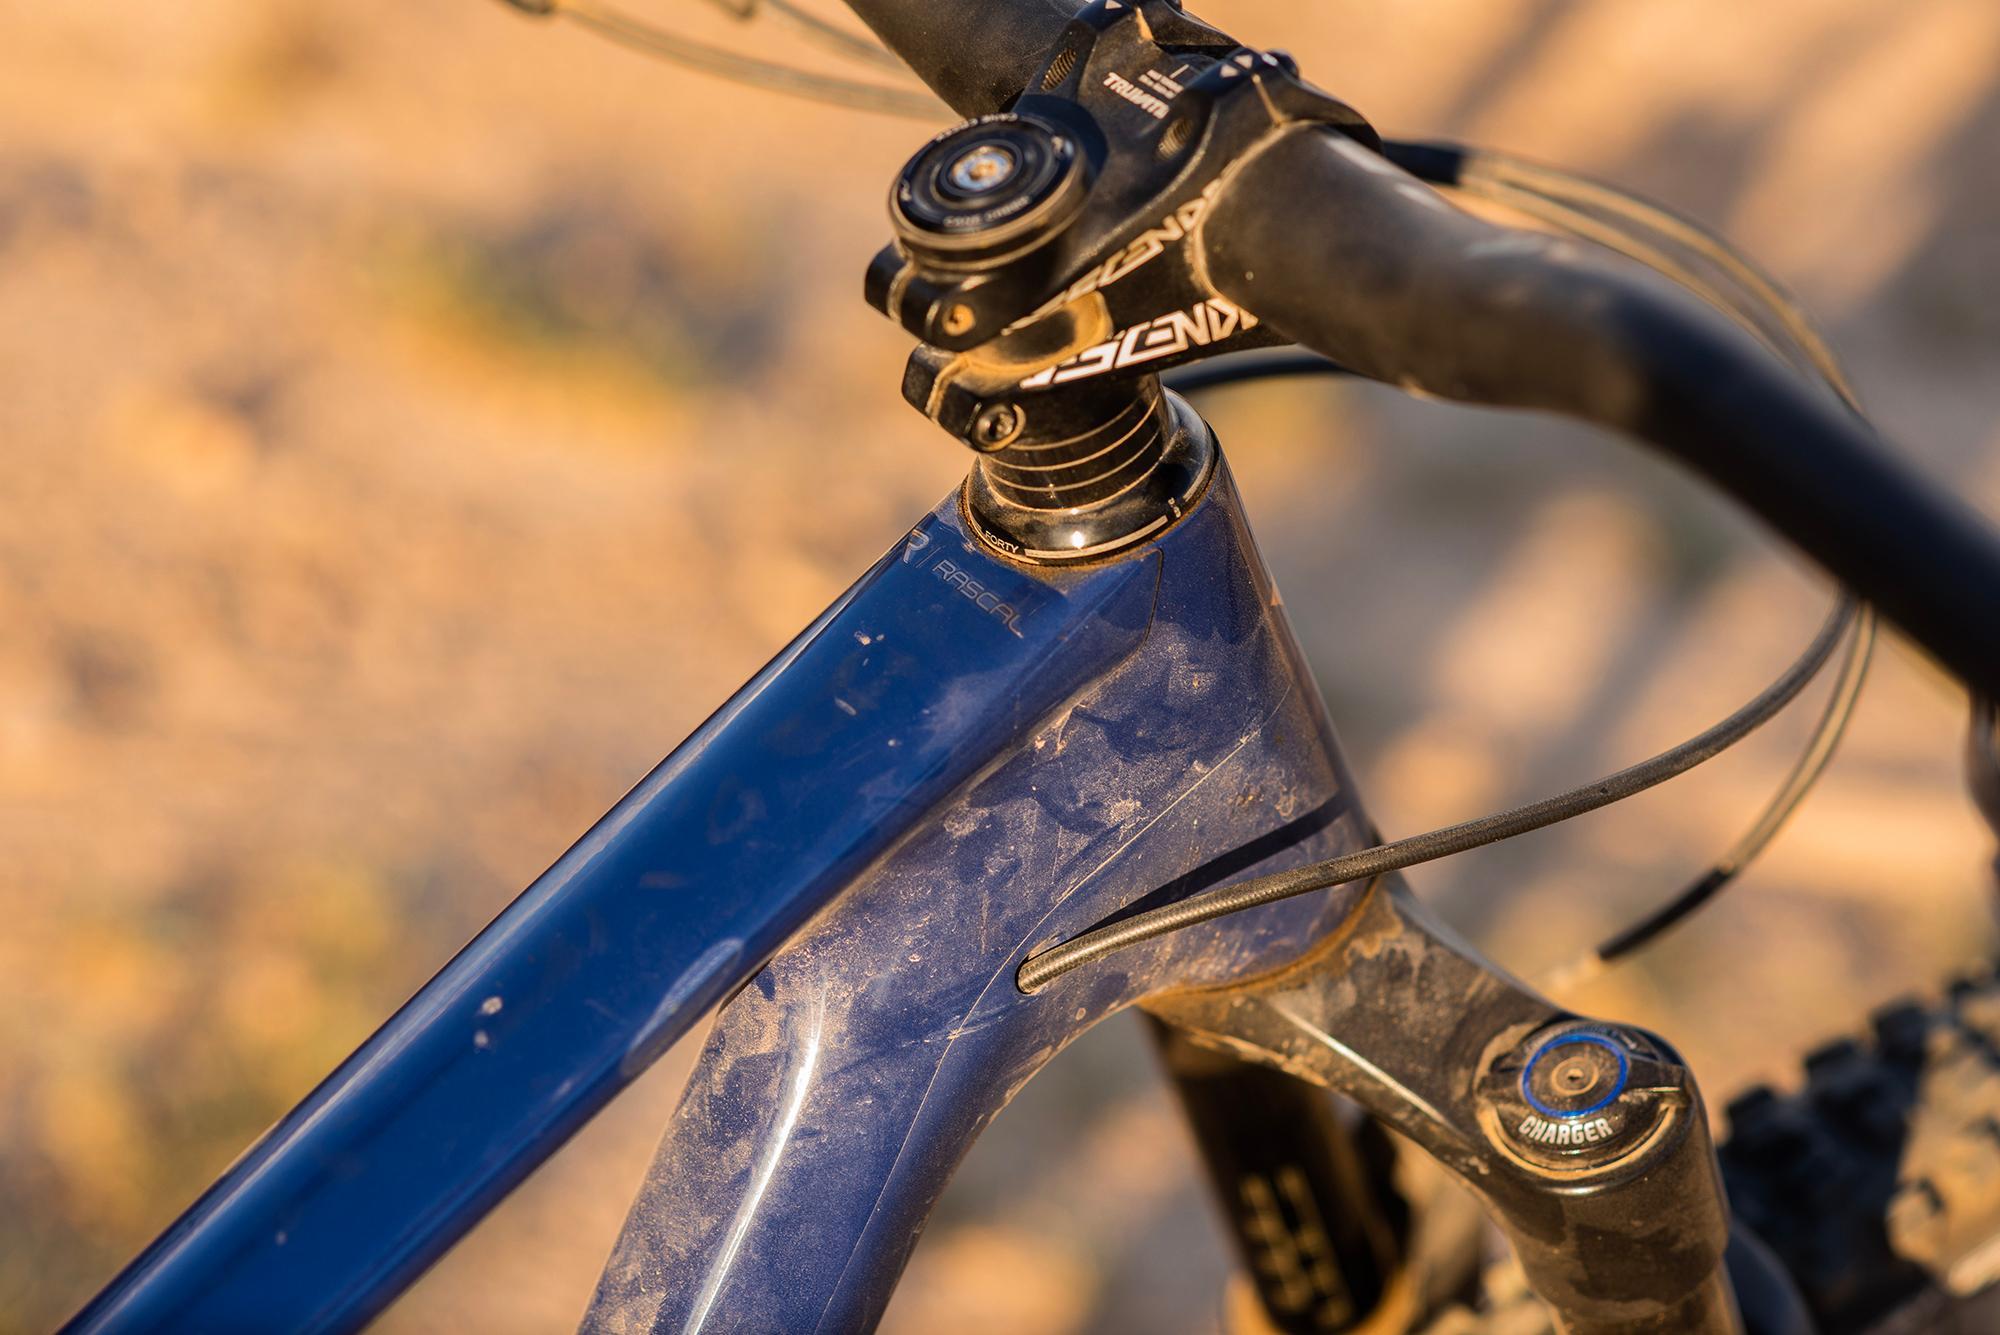 Sonoran Desert Shredding with the Revel Rascall